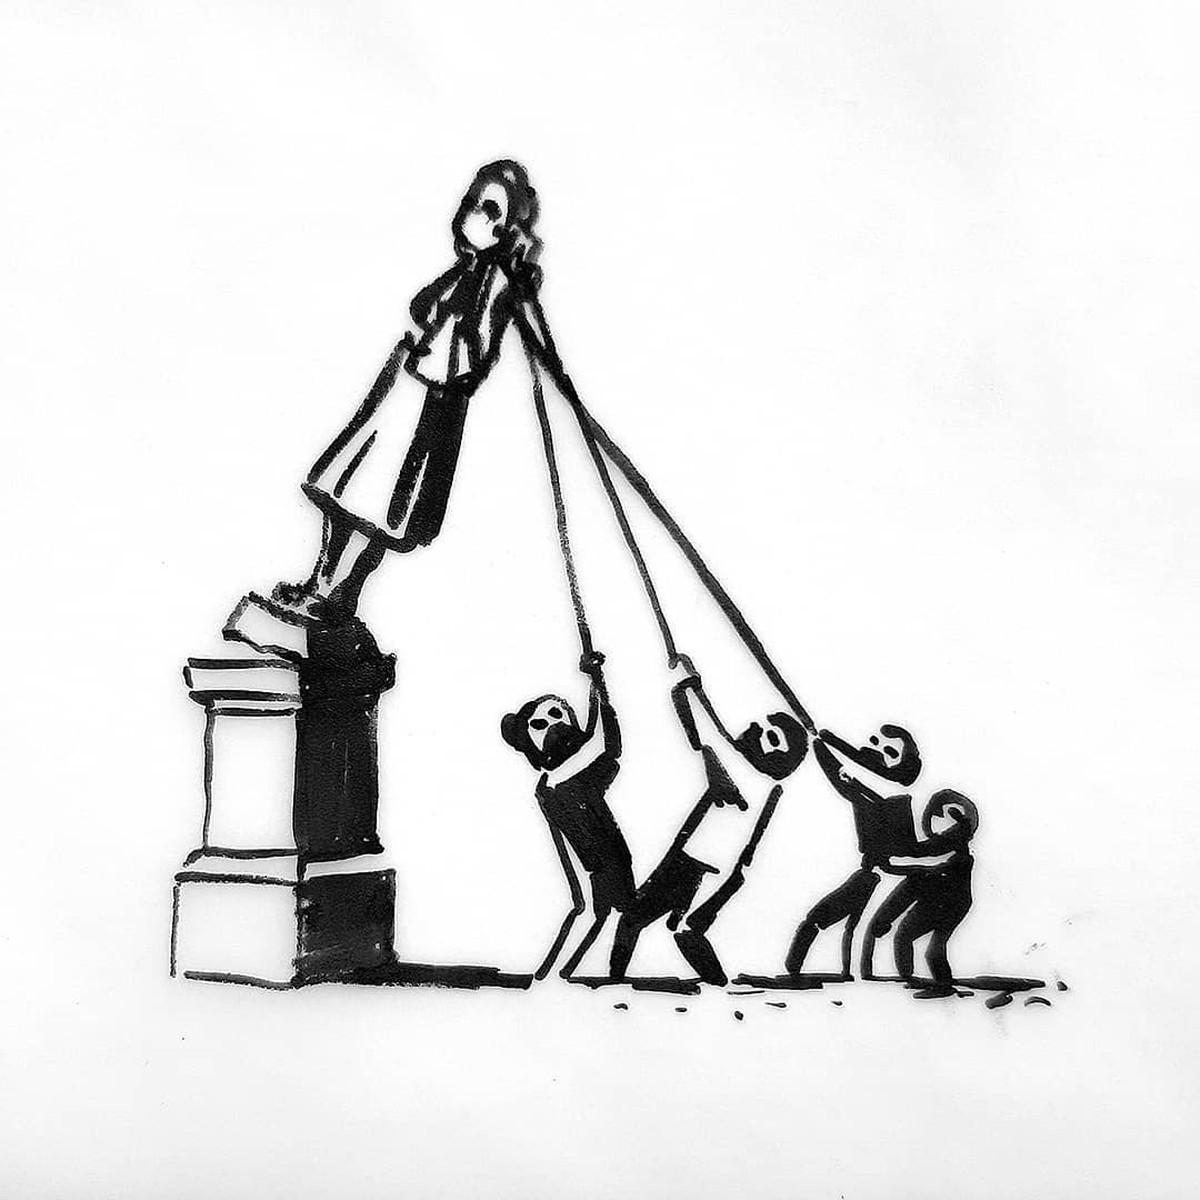 Banksy propõe nova versão de estátua de comerciante de escravos derrubada na Inglaterra | Pop & Arte